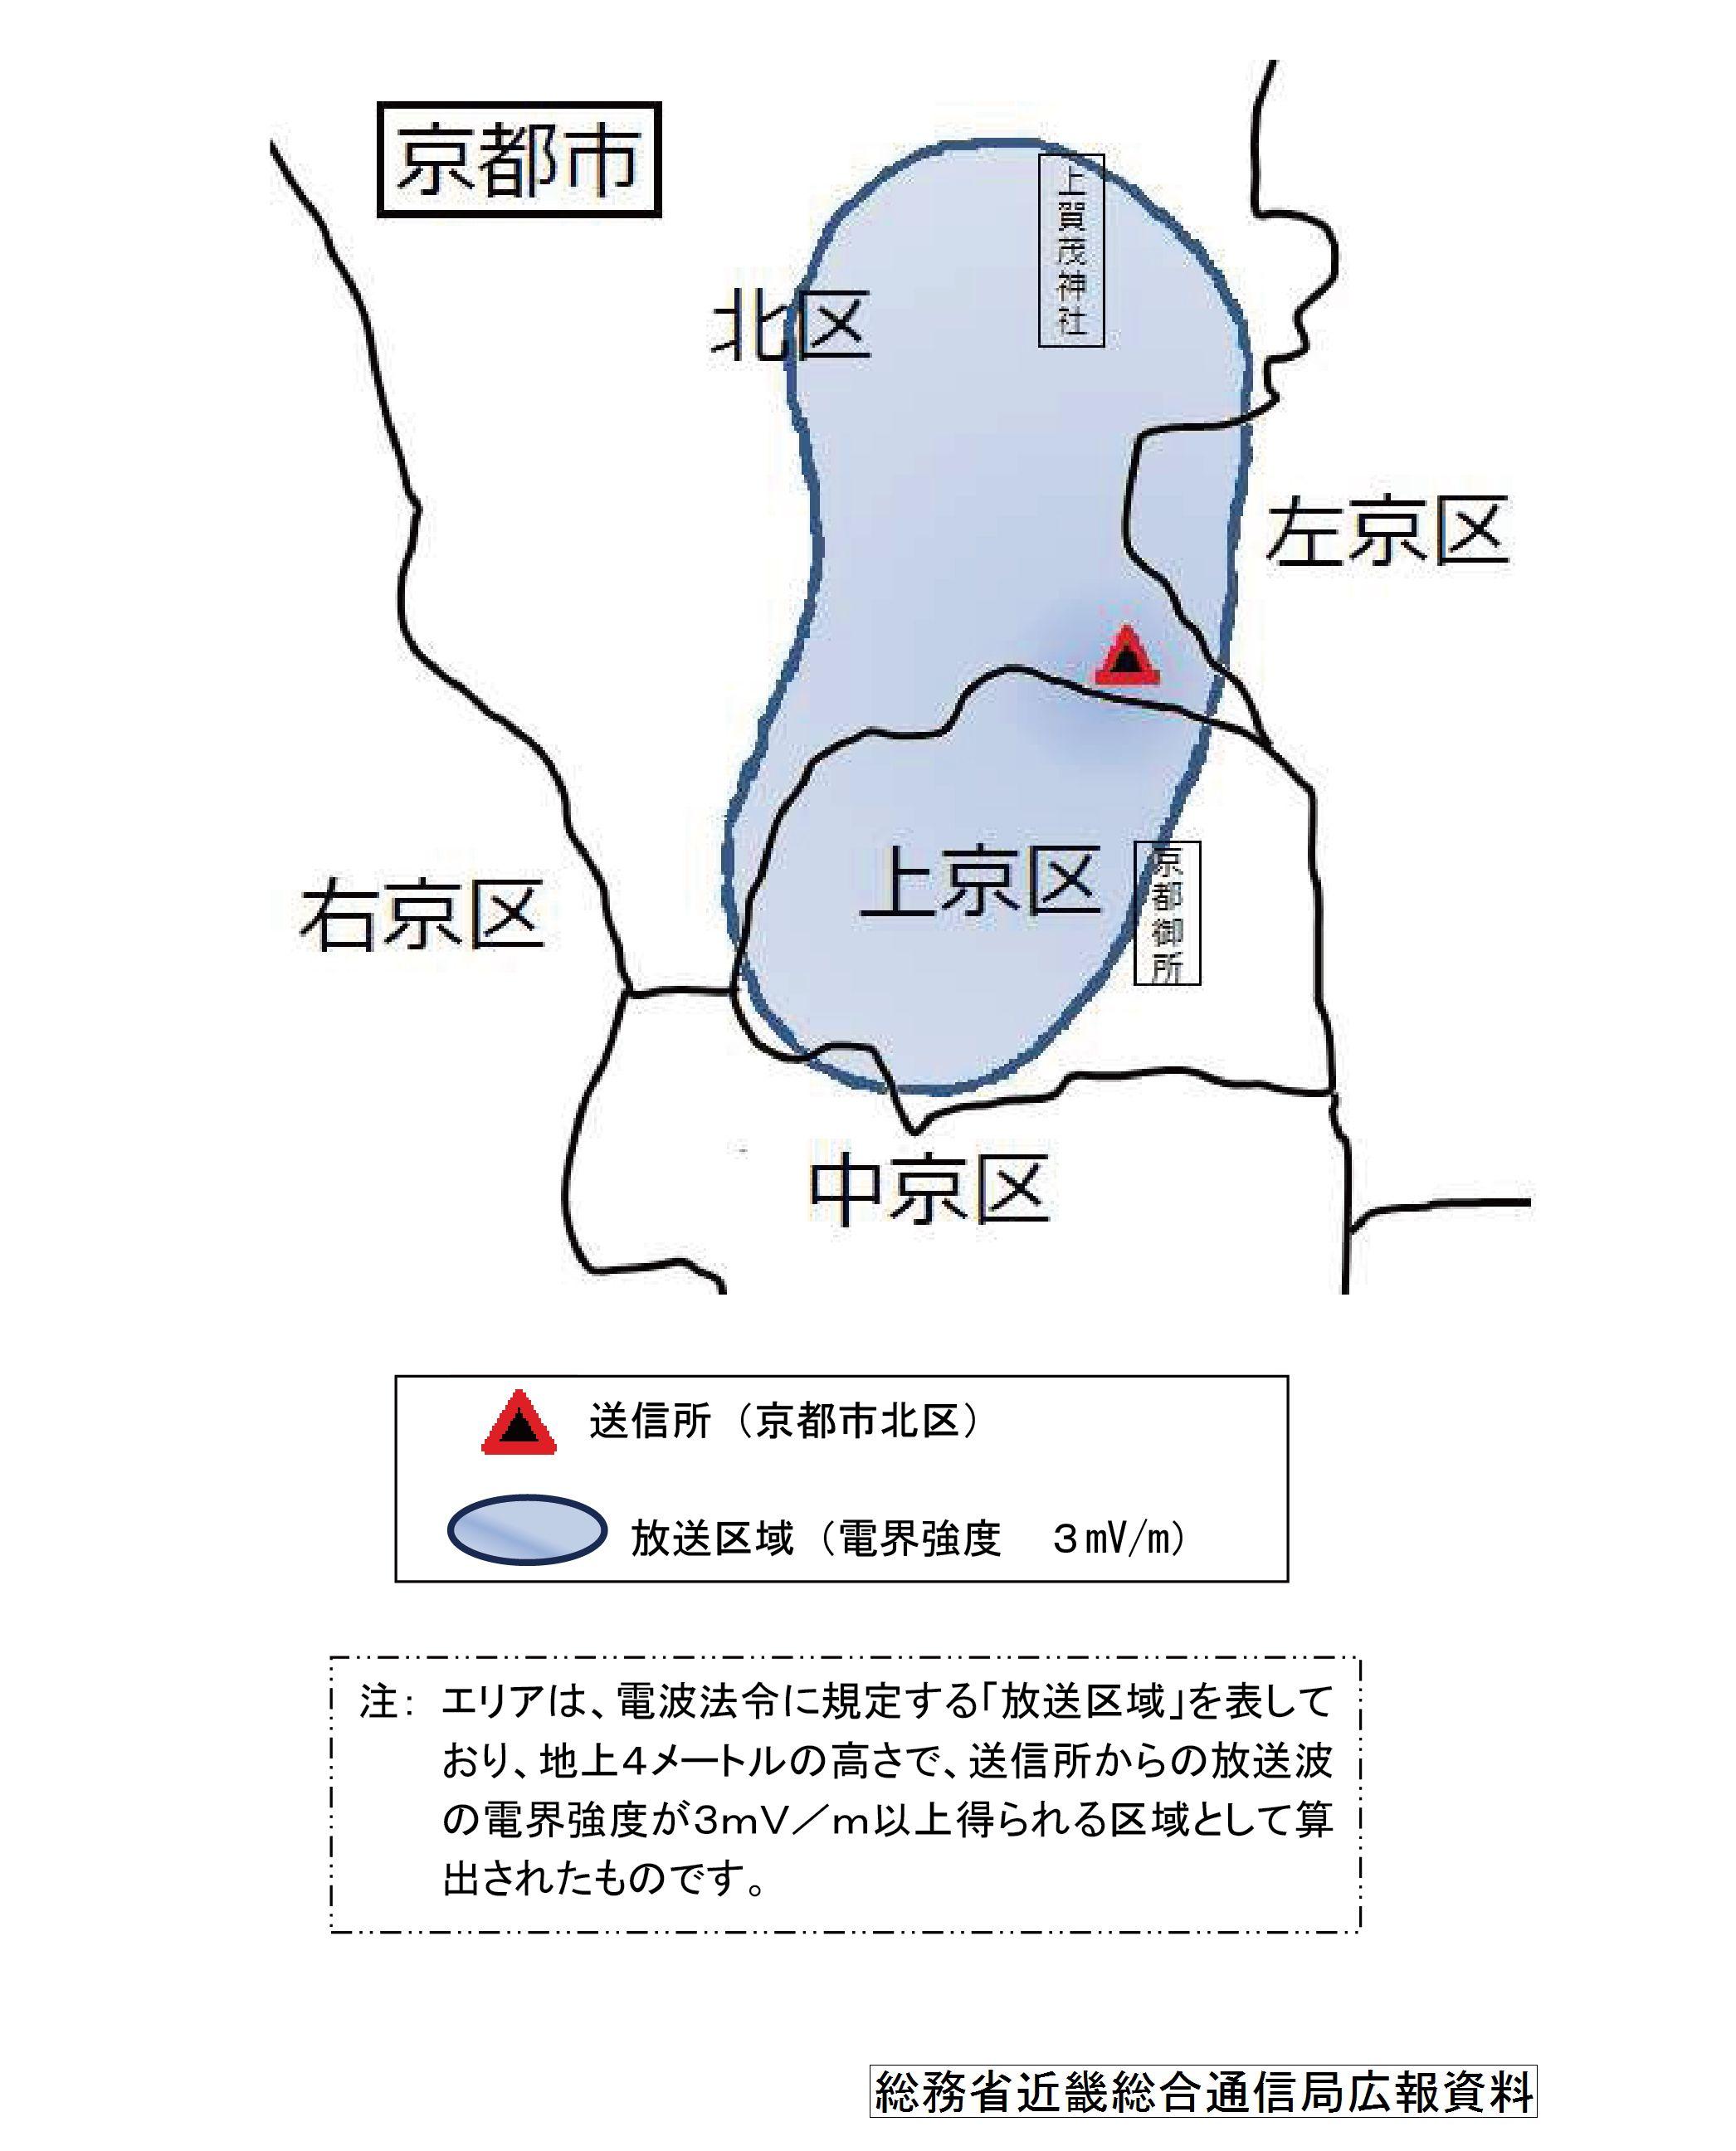 RMK総務省エリア図trim